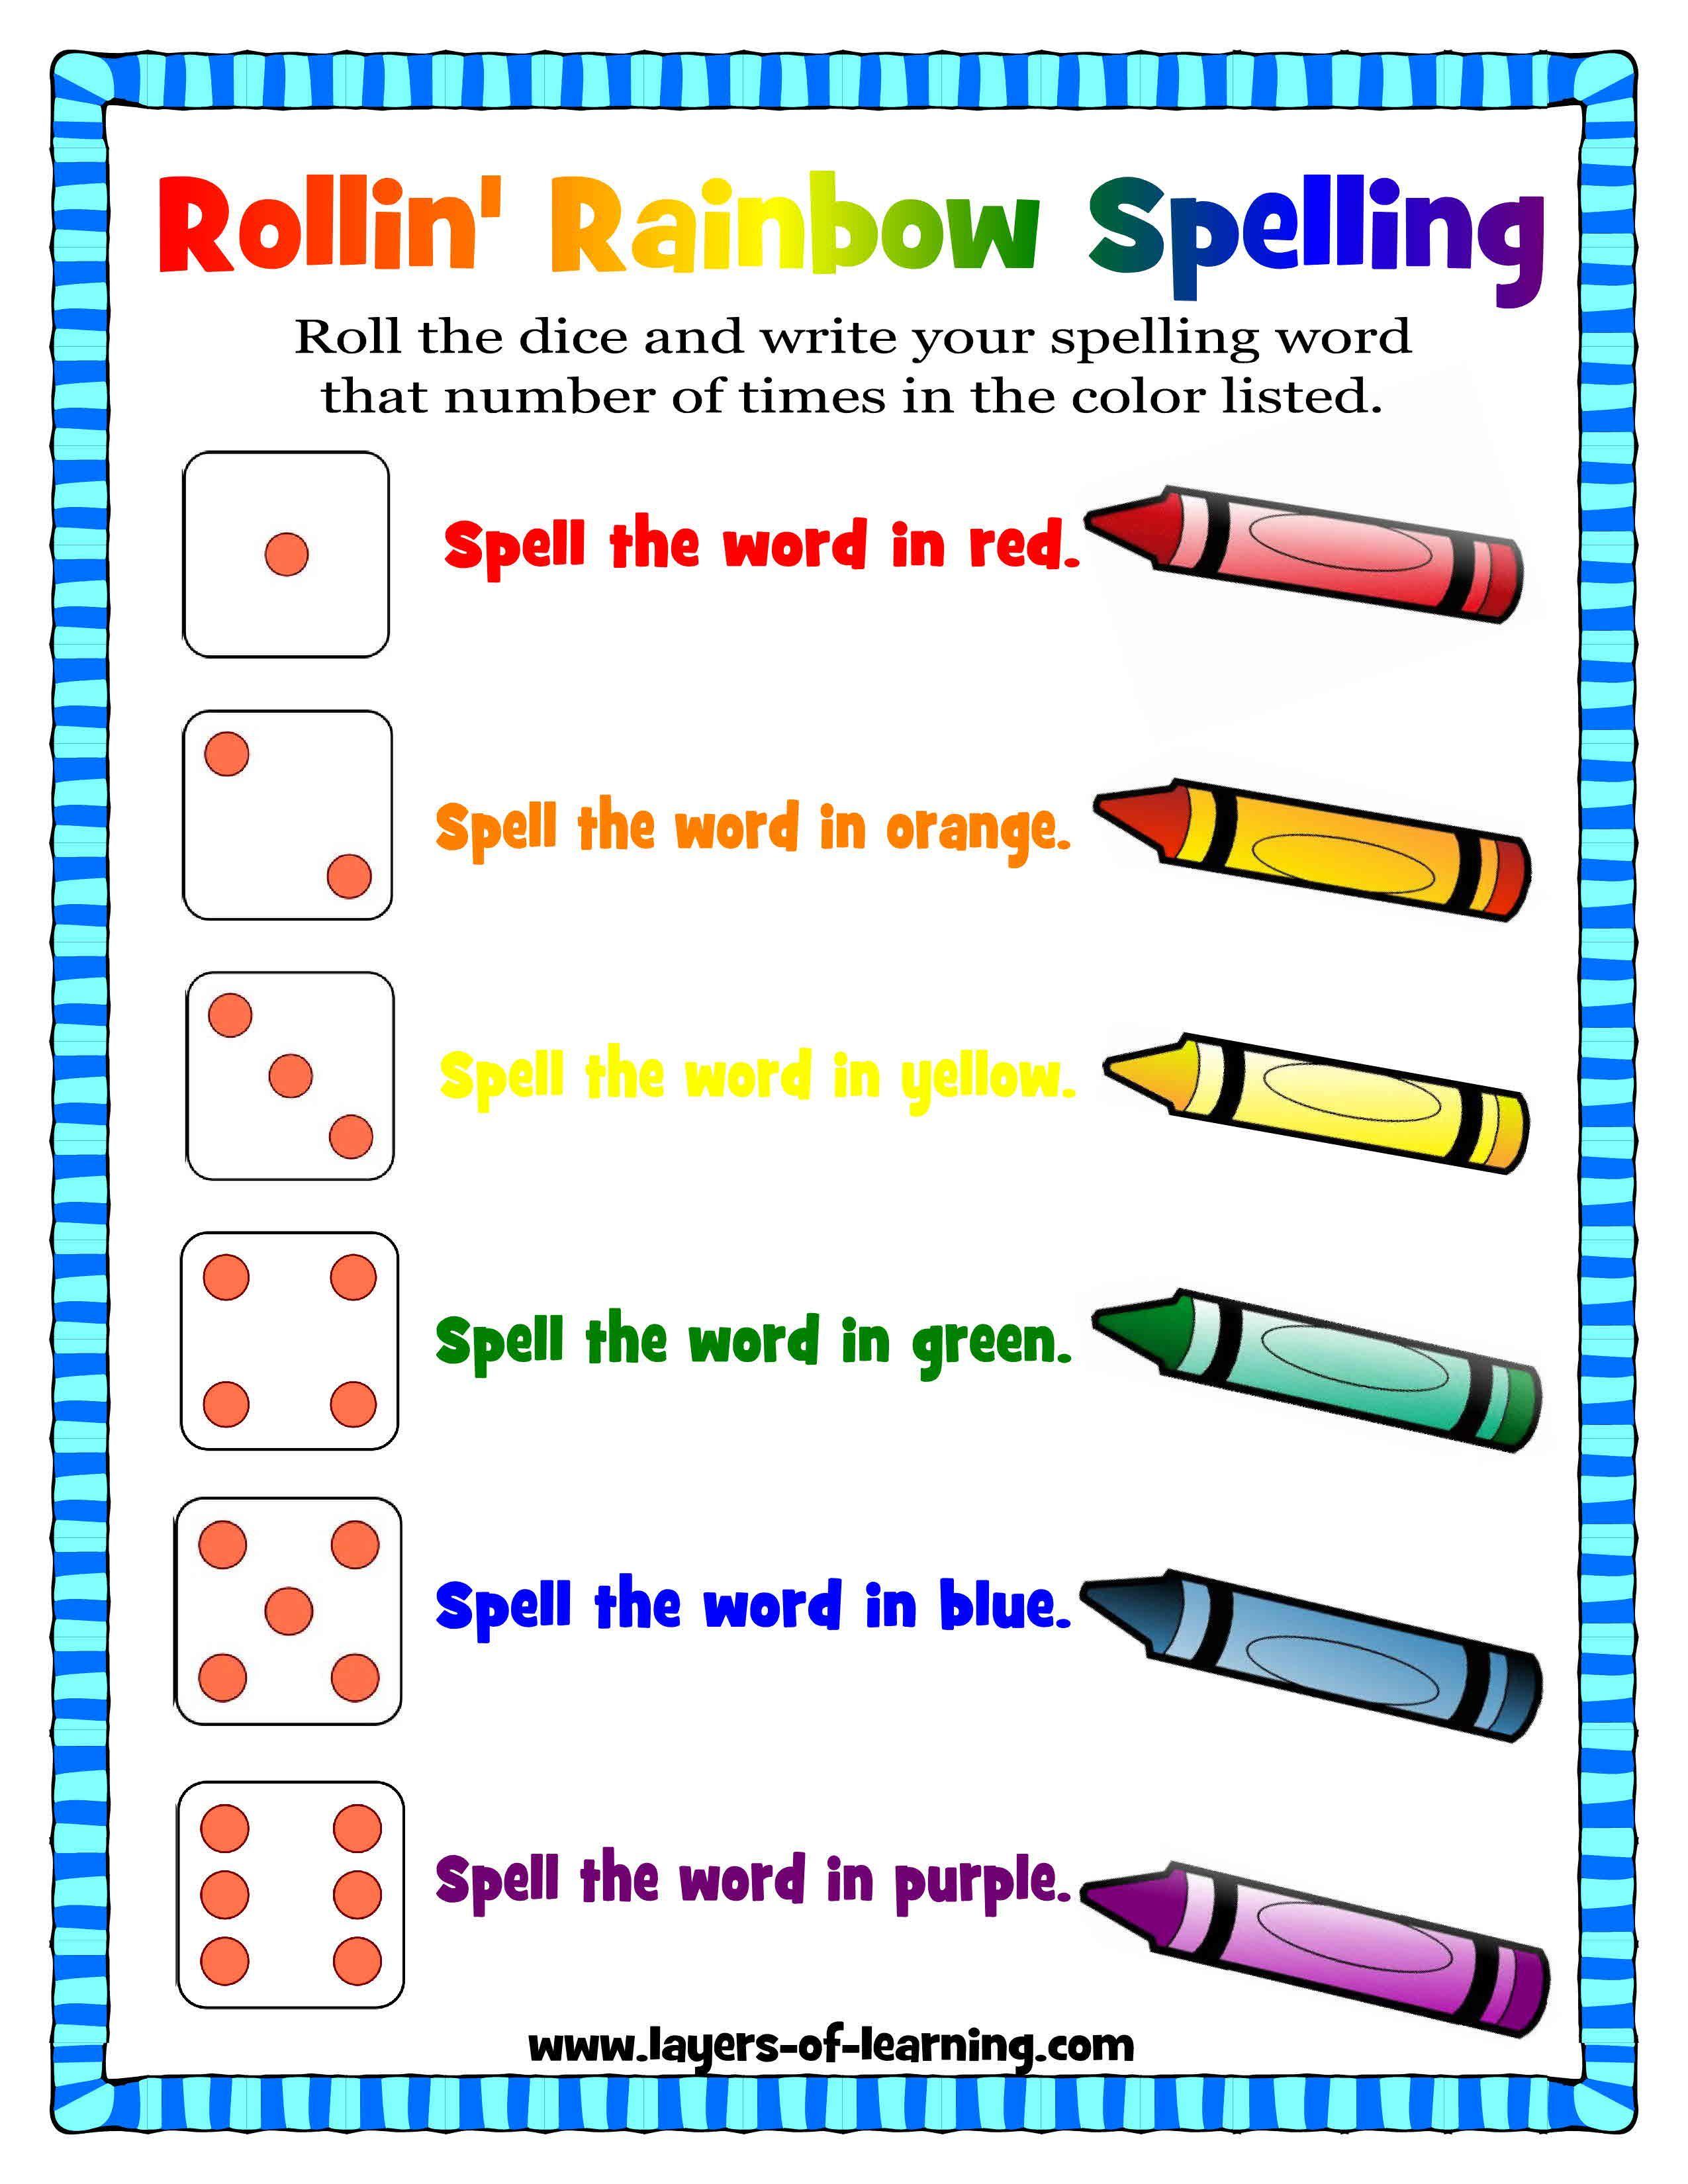 Making Spelling Fun | Spelling word activities, Spelling ...